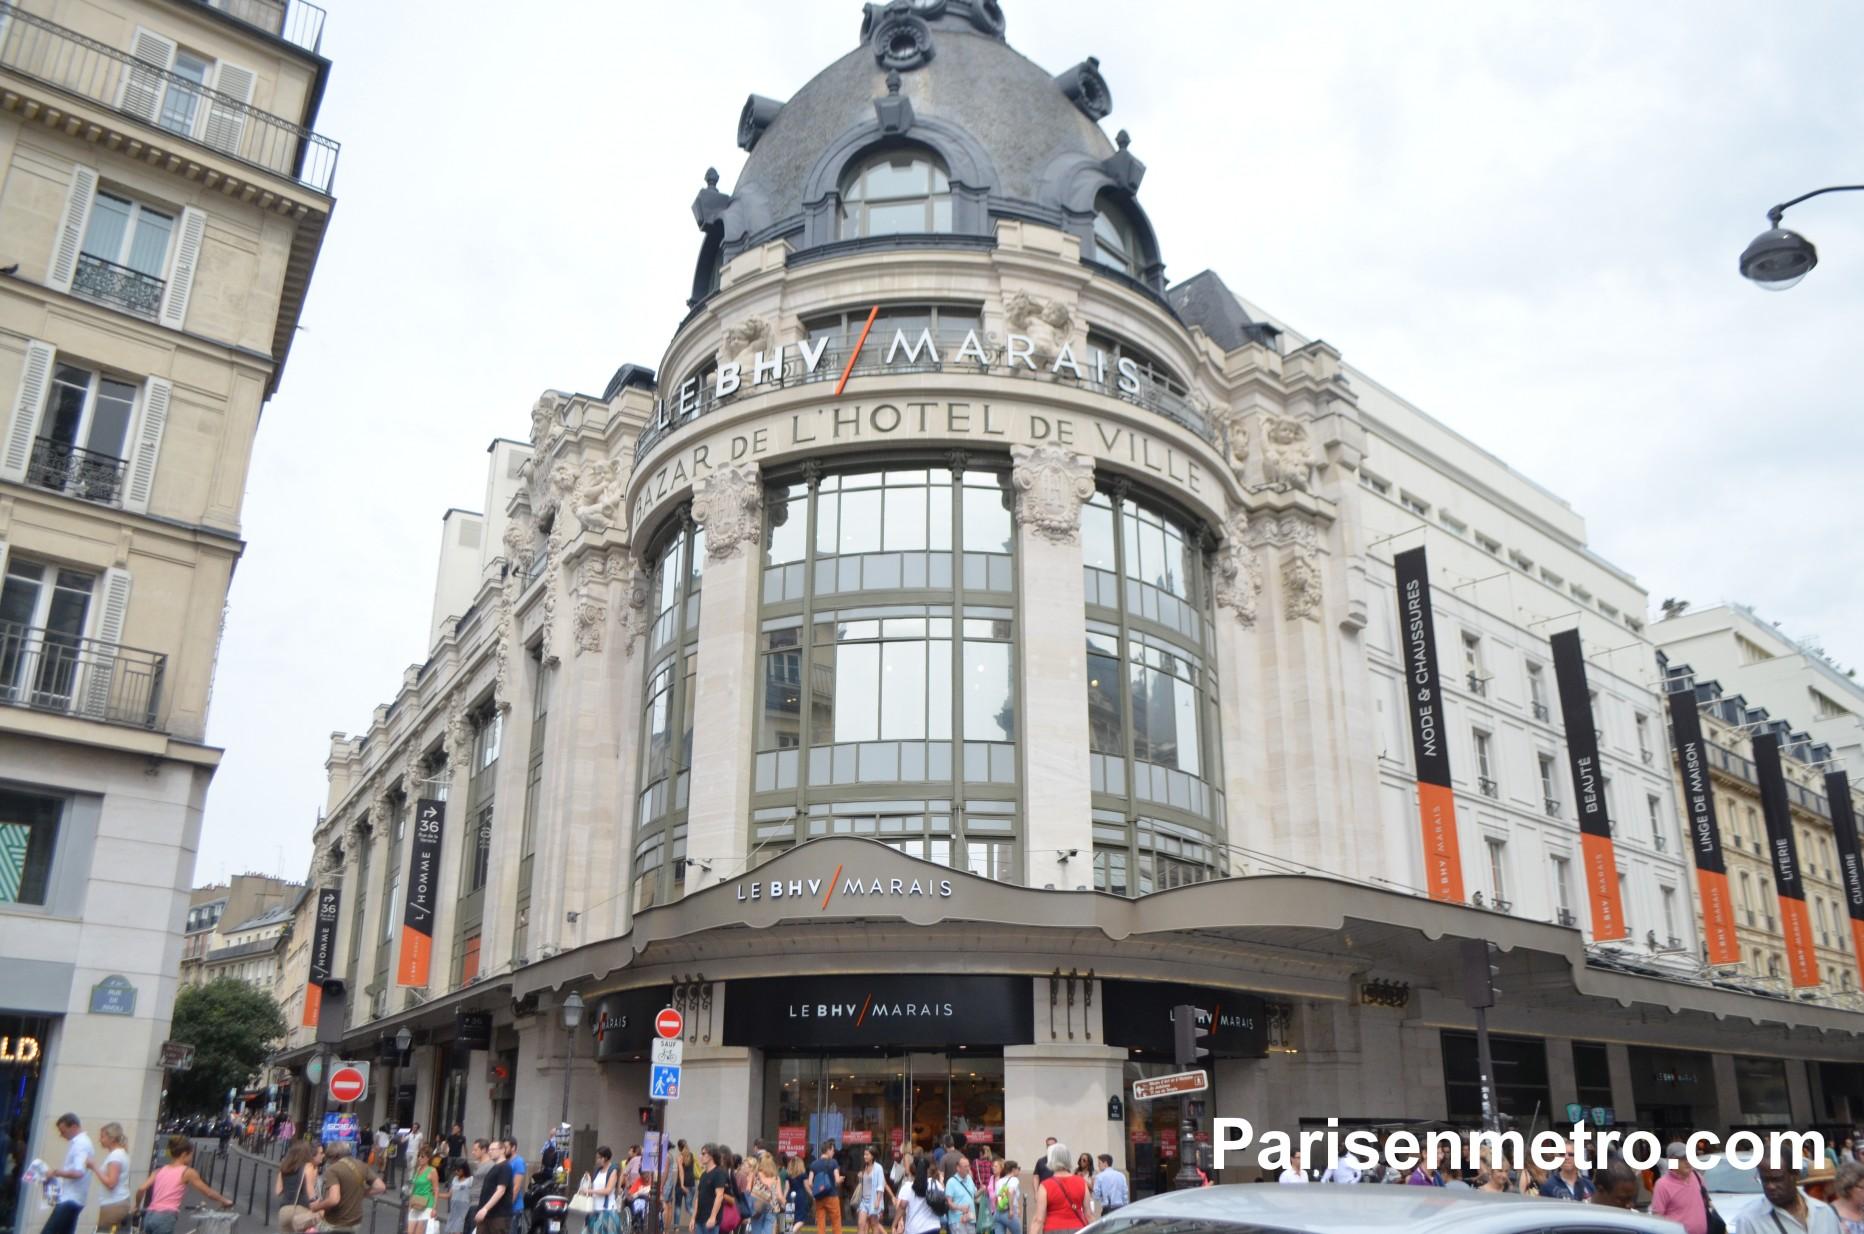 Le BHV Marais L'homme (Bazar de l'Hôtel de Ville)